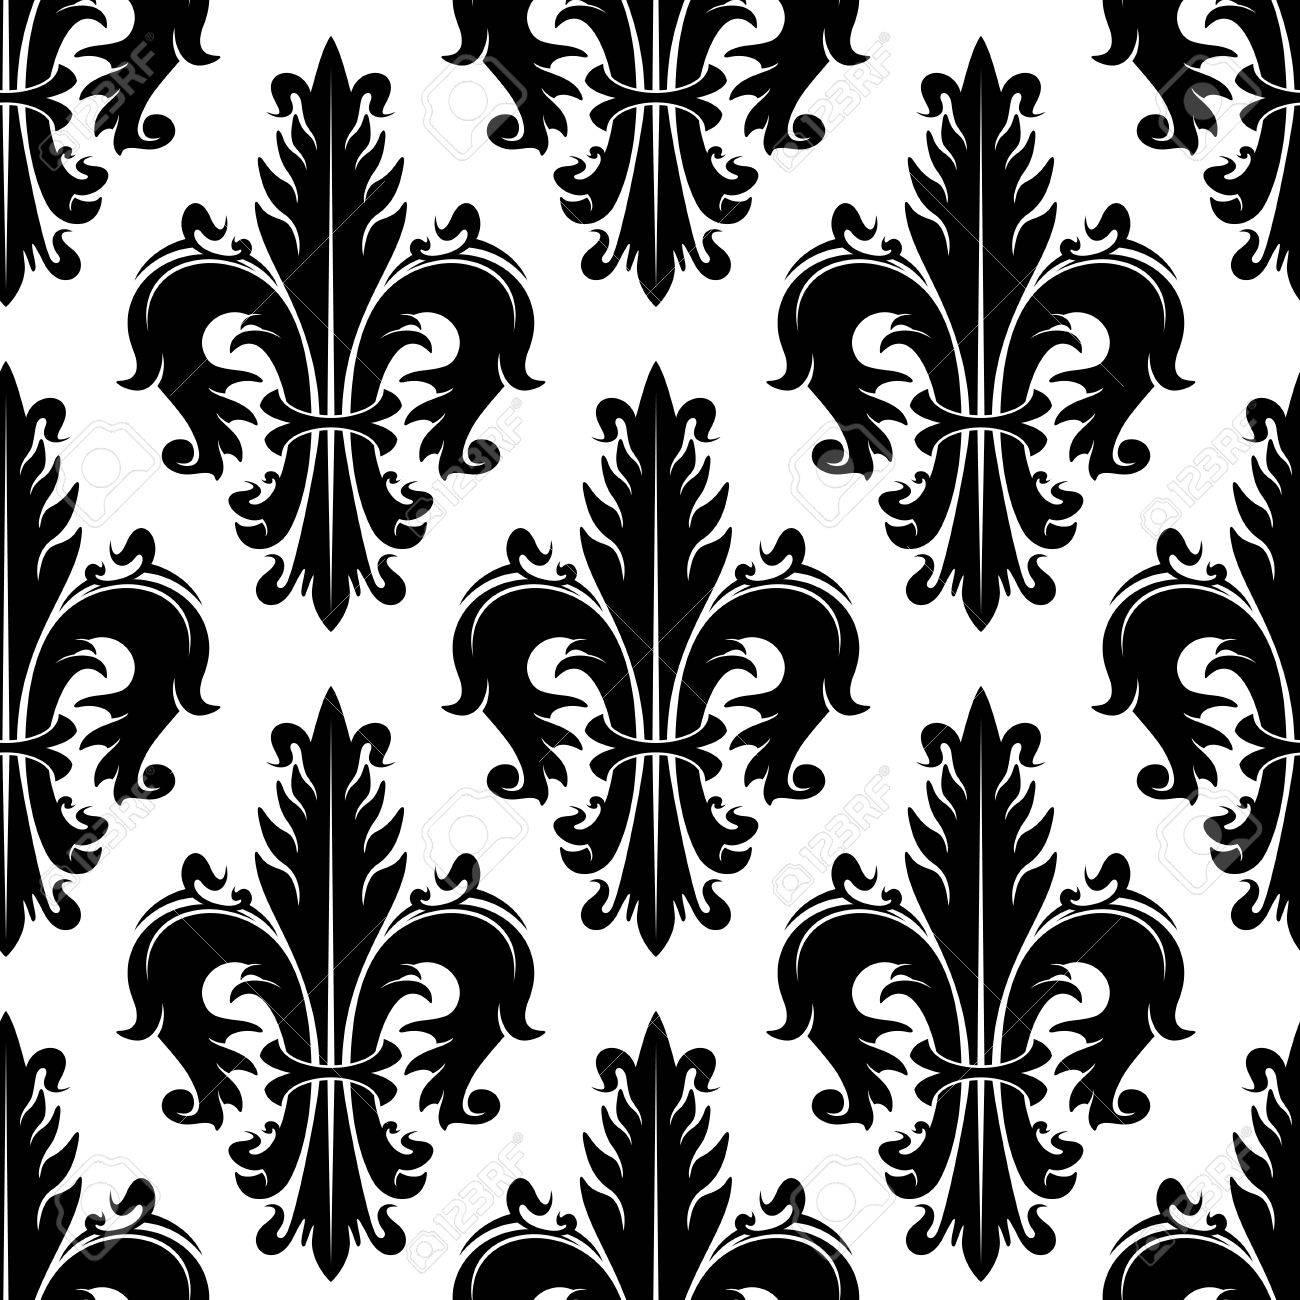 Schwarz-Weiß-Zier-Fleur-de-lis Hintergrund Für Heraldik Thema Oder ...